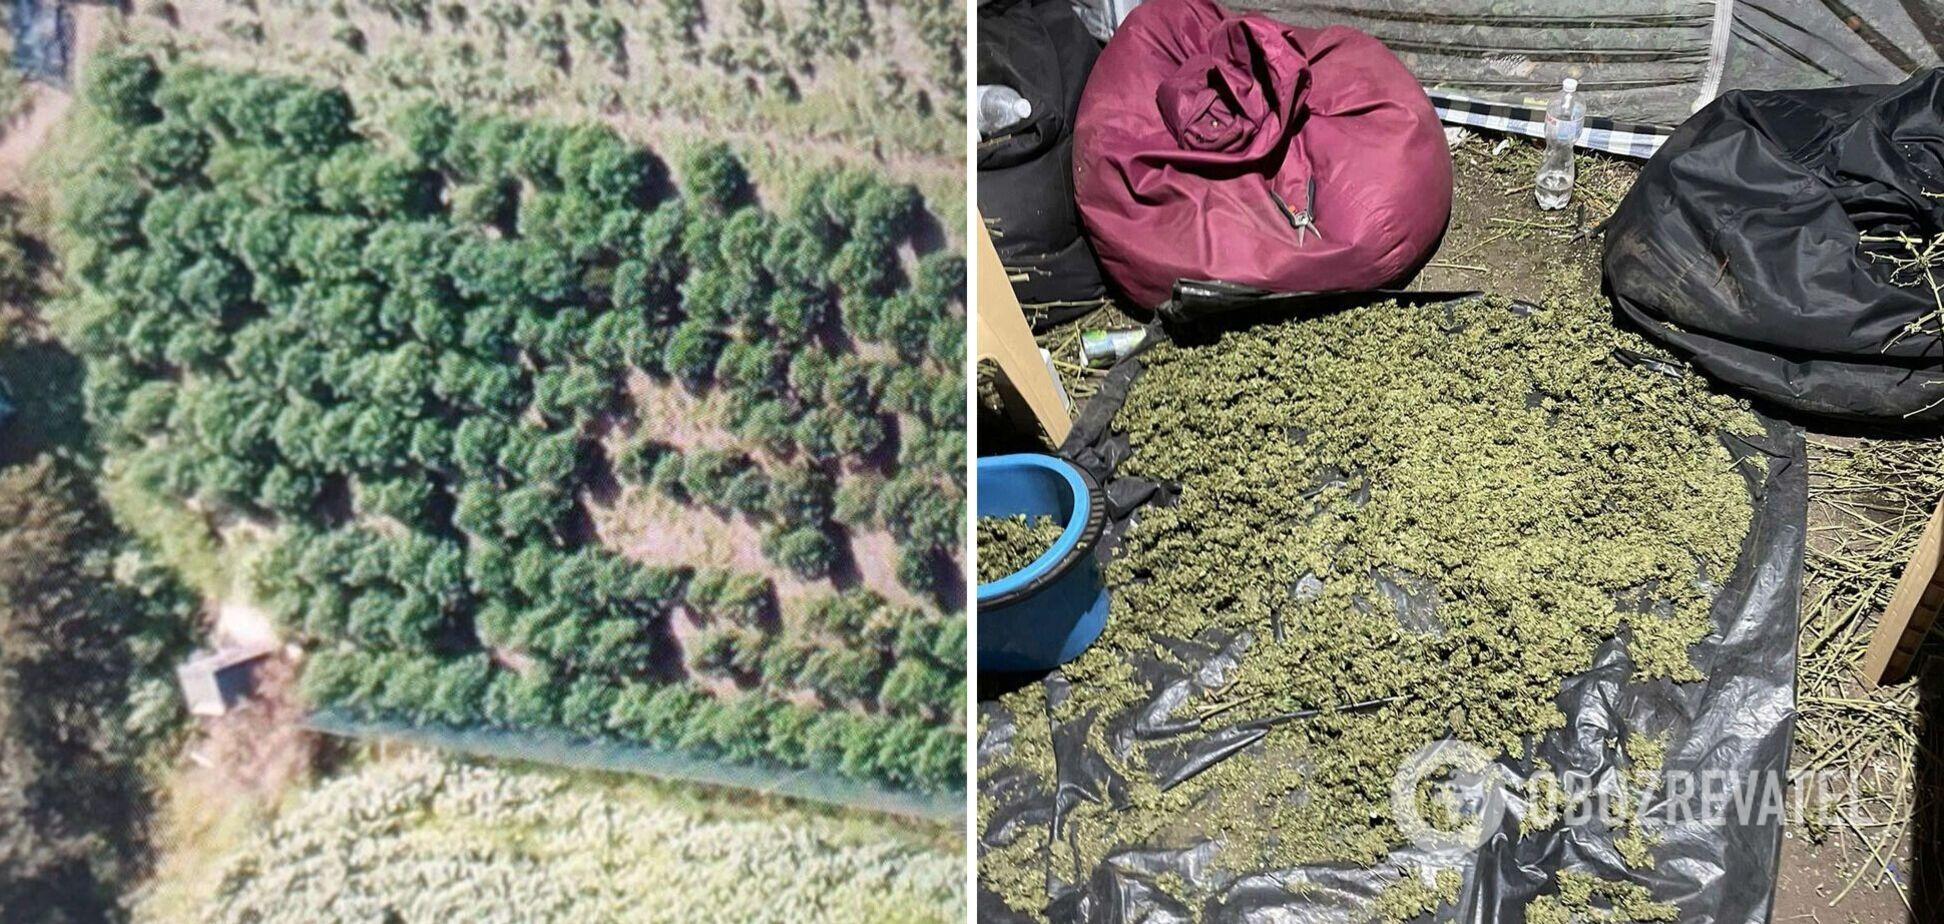 На Днепропетровщине обнаружили плантацию конопли на 11 млн гривен. Фото и видео